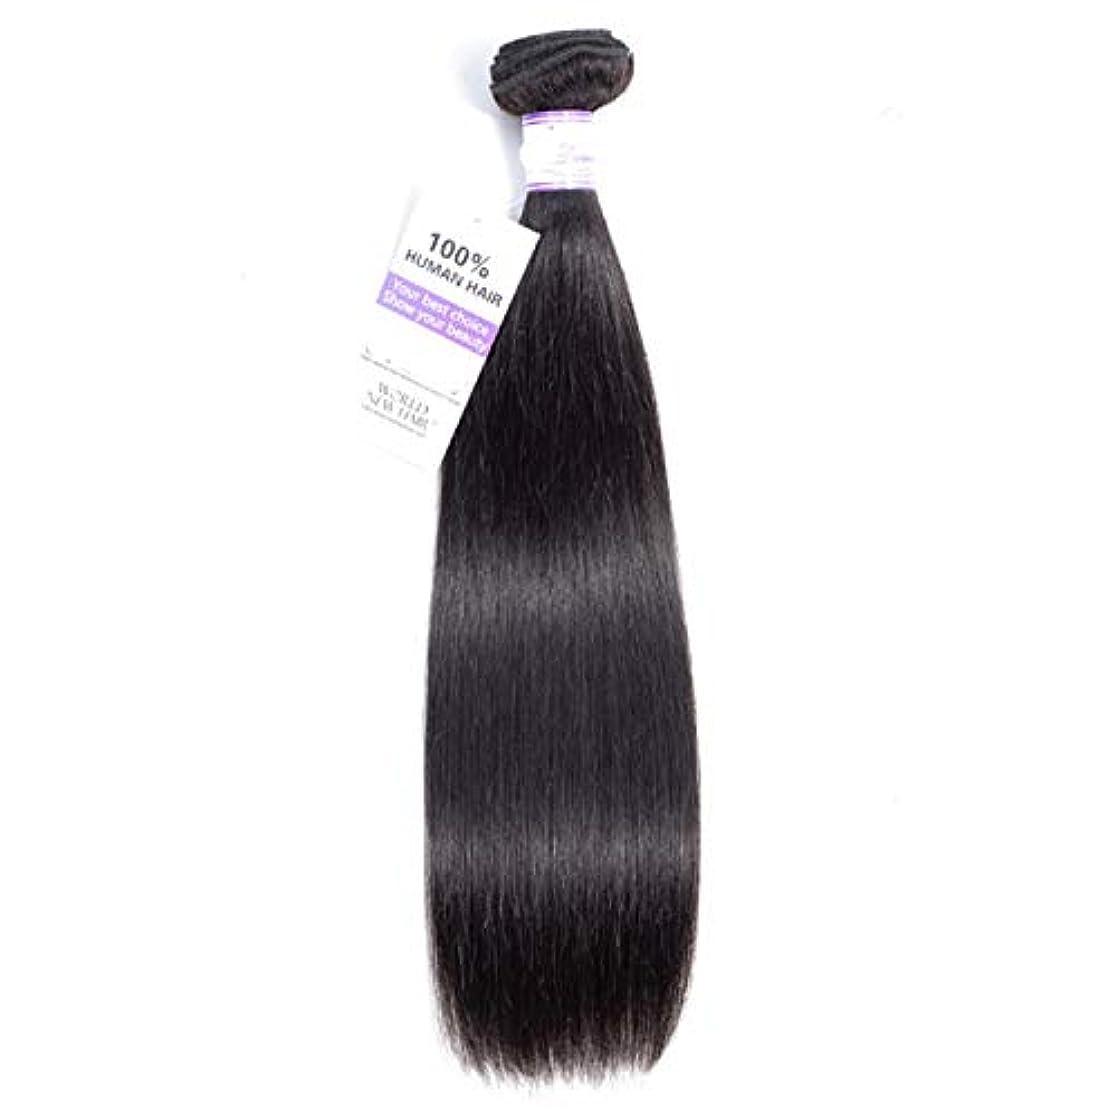 石油どっちでも芝生マレーシアのストレートヘアバンドル8-30インチ100%人毛織りナチュラルカラー非レミーヘアエクステンション1個 (Stretched Length : 20inches)